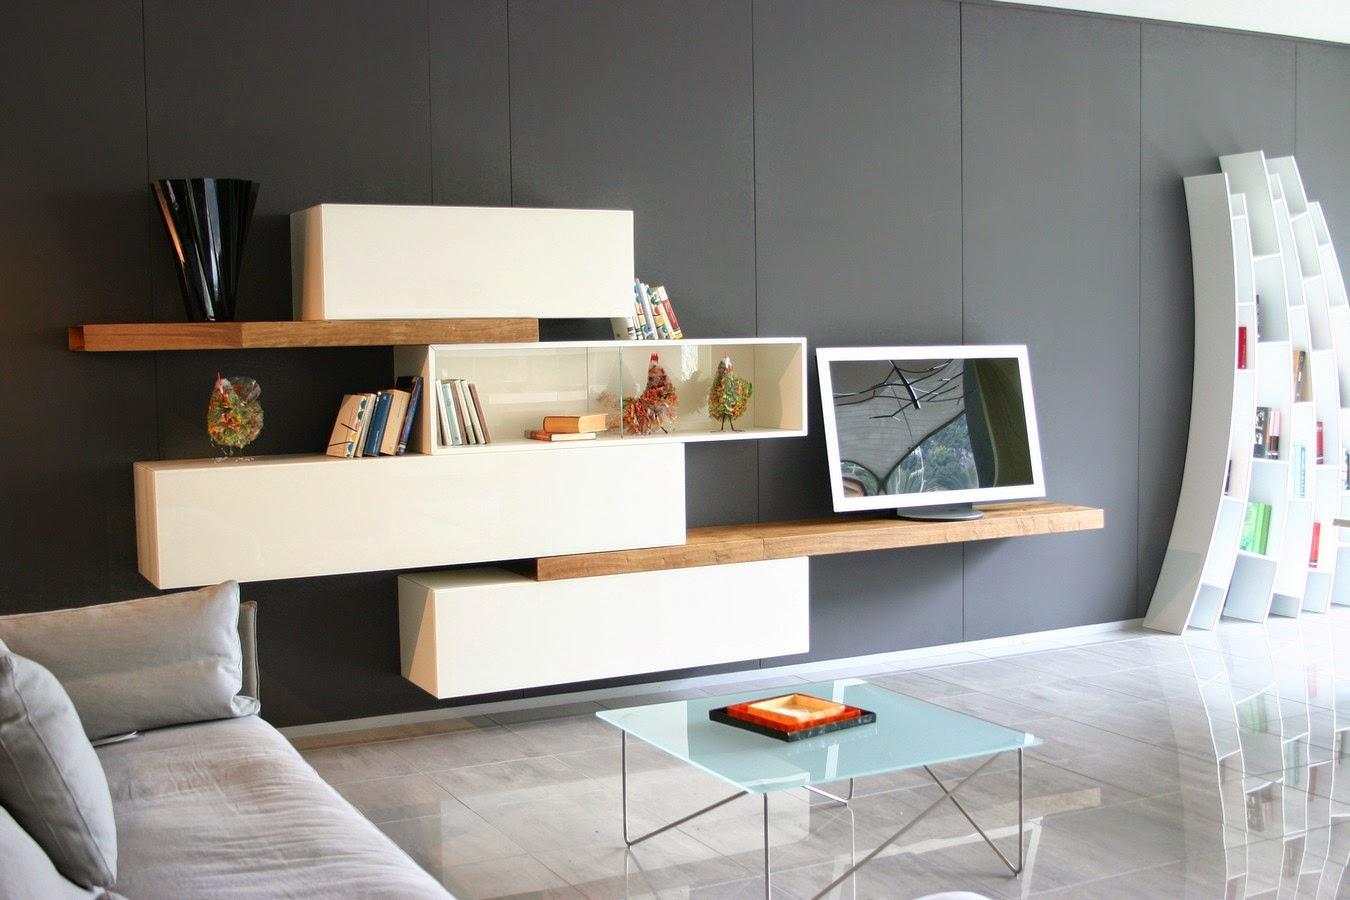 Soggiorni e salotti moderni arredo per la tua casa for Mobili x soggiorno moderni